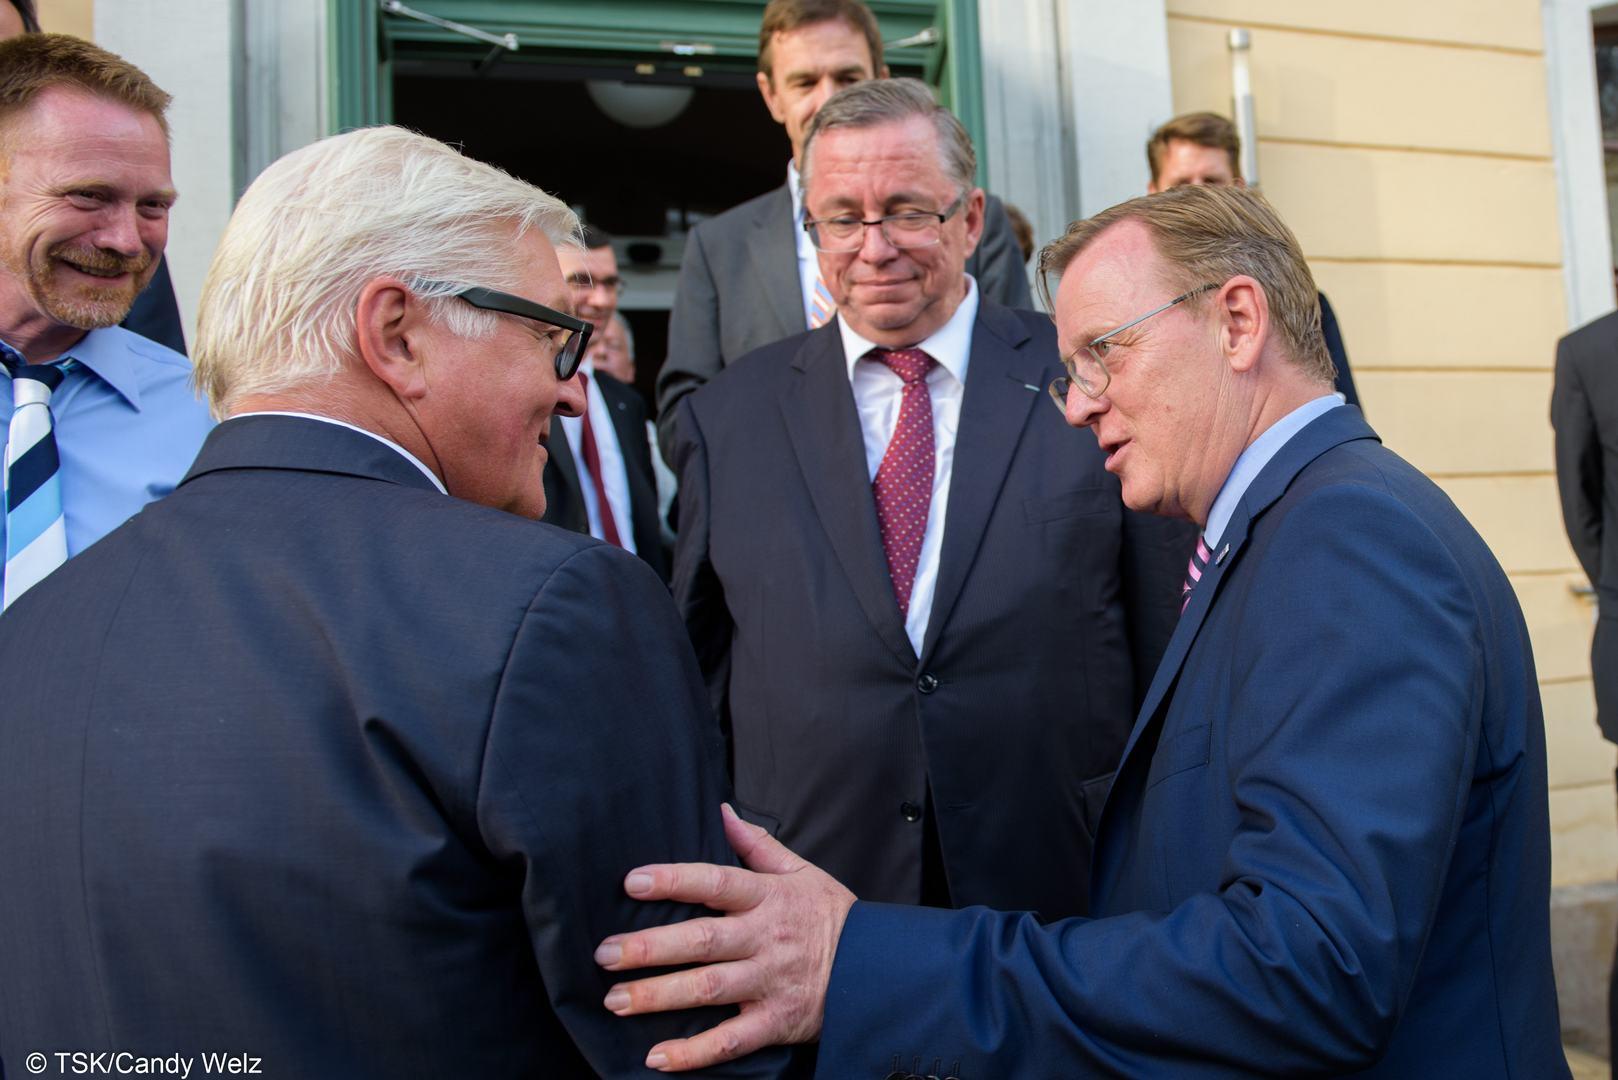 Bodo Ramelow trifft die Außenminister des Weimarer Dreiecks in Weimar. Verabschiedung von Minister Frank-Walter Steinmeier (l) vor der Musikhochschule